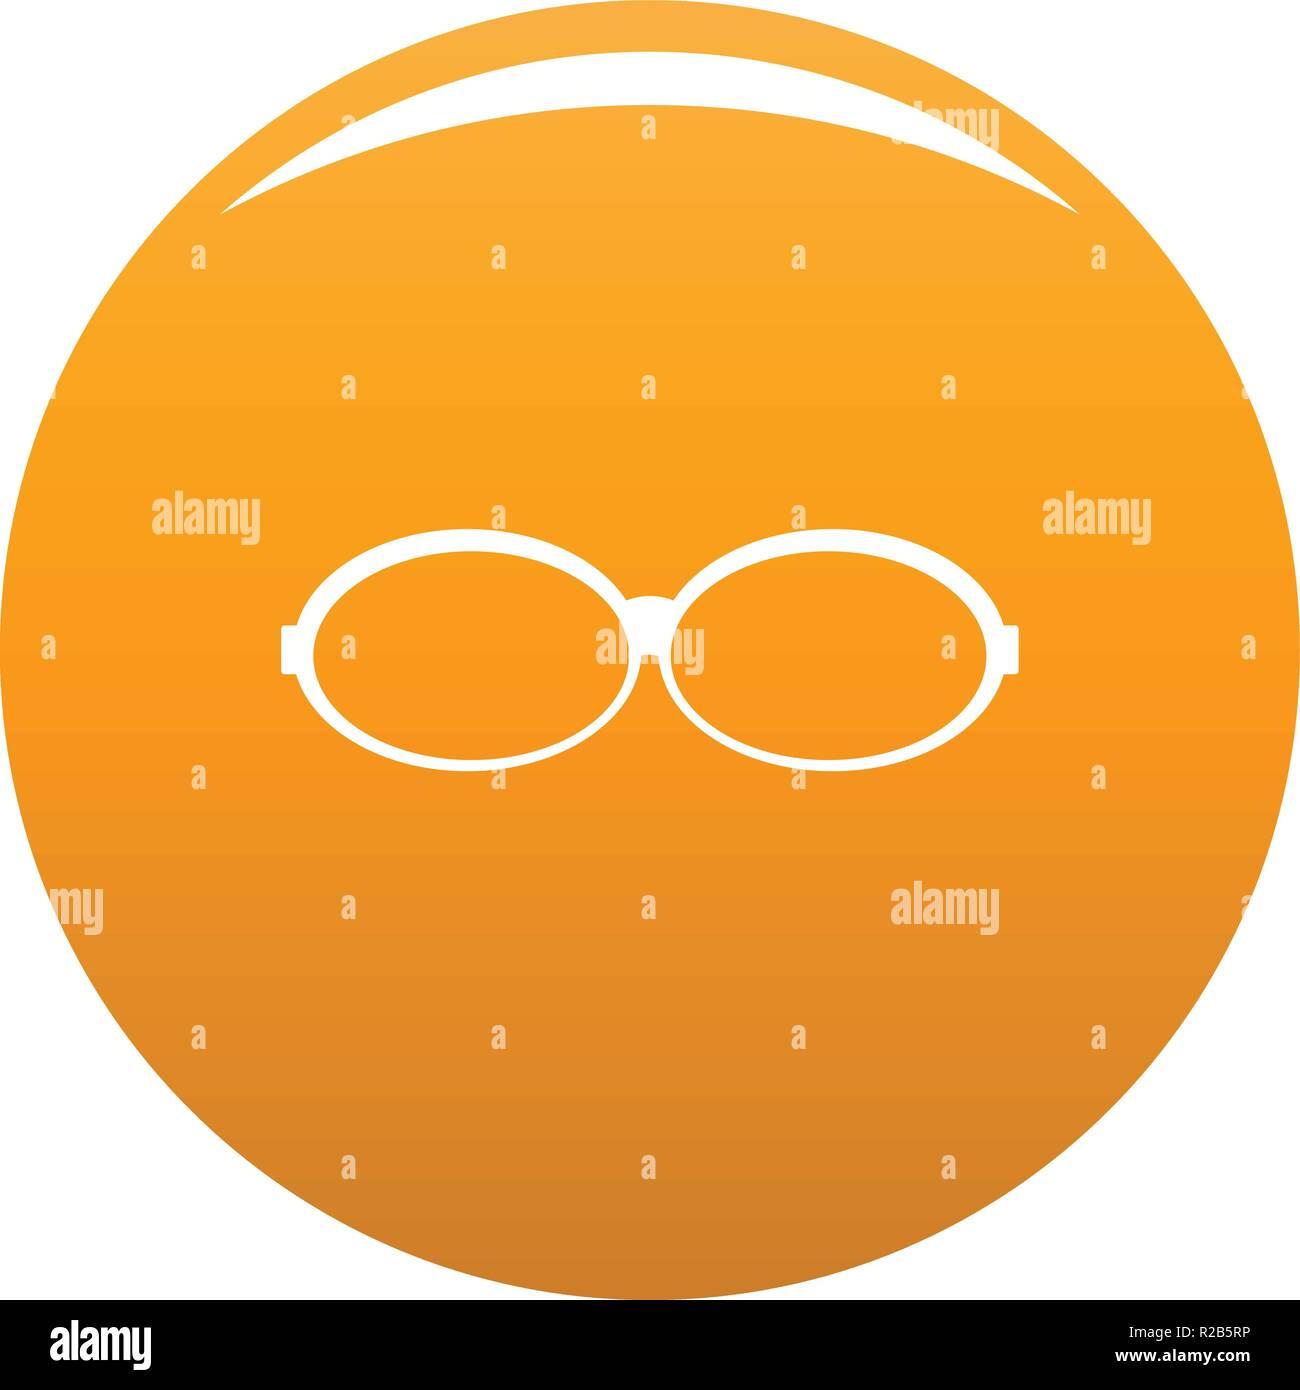 d5d368c463b Icône lunettes ovales. Simple illustration de lunettes ovales icône vecteur  pour tout modèle orange